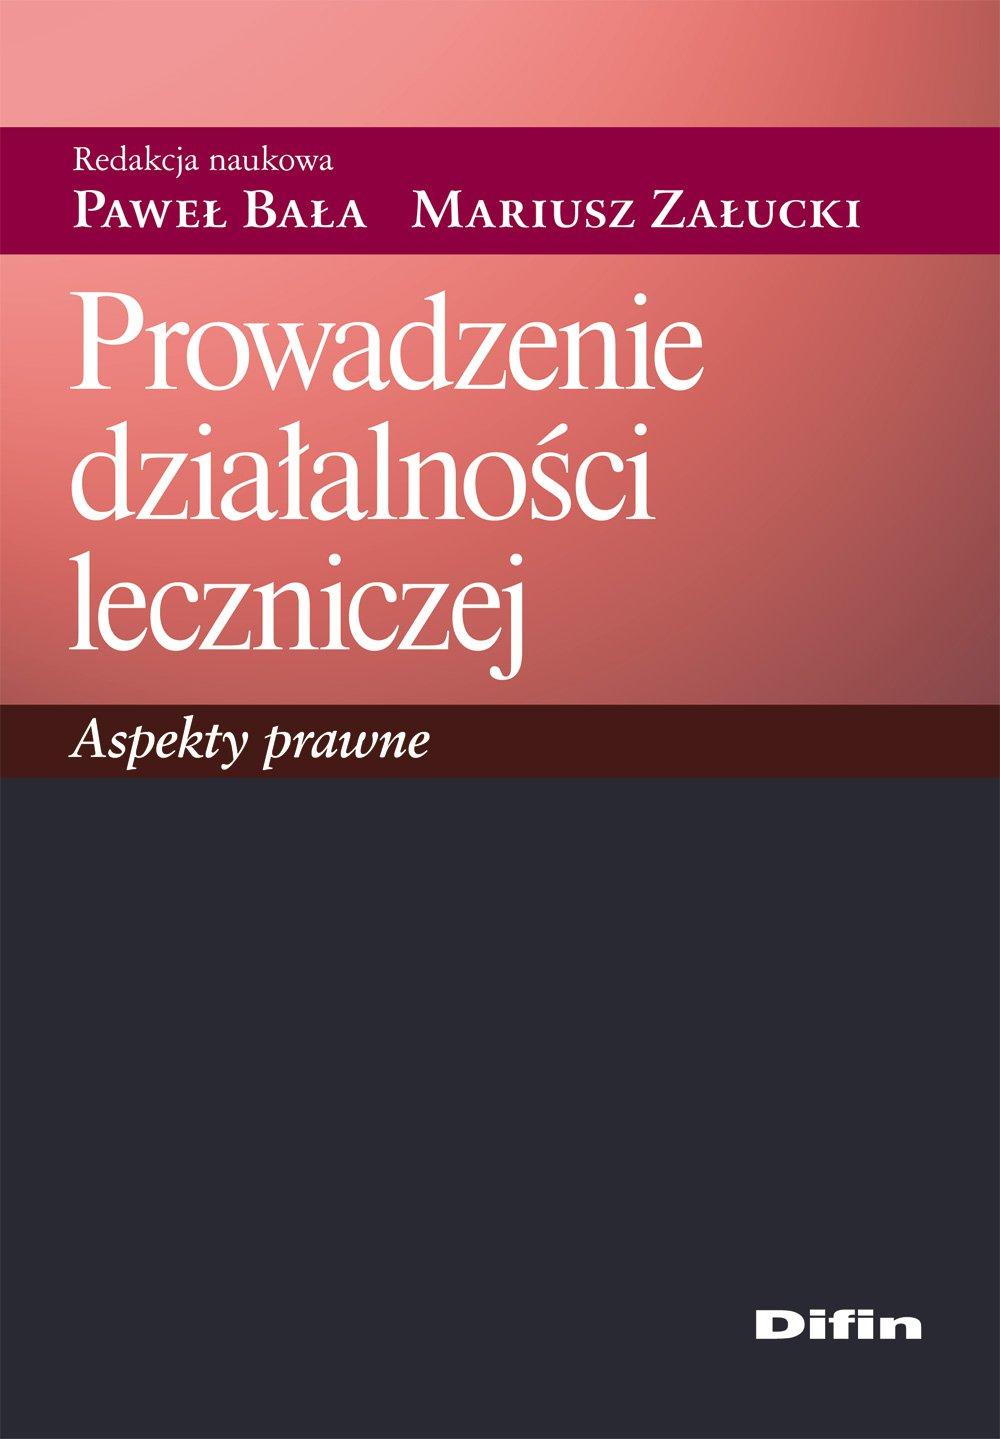 Prowadzenie działalności leczniczej. Aspekty prawne - Ebook (Książka PDF) do pobrania w formacie PDF